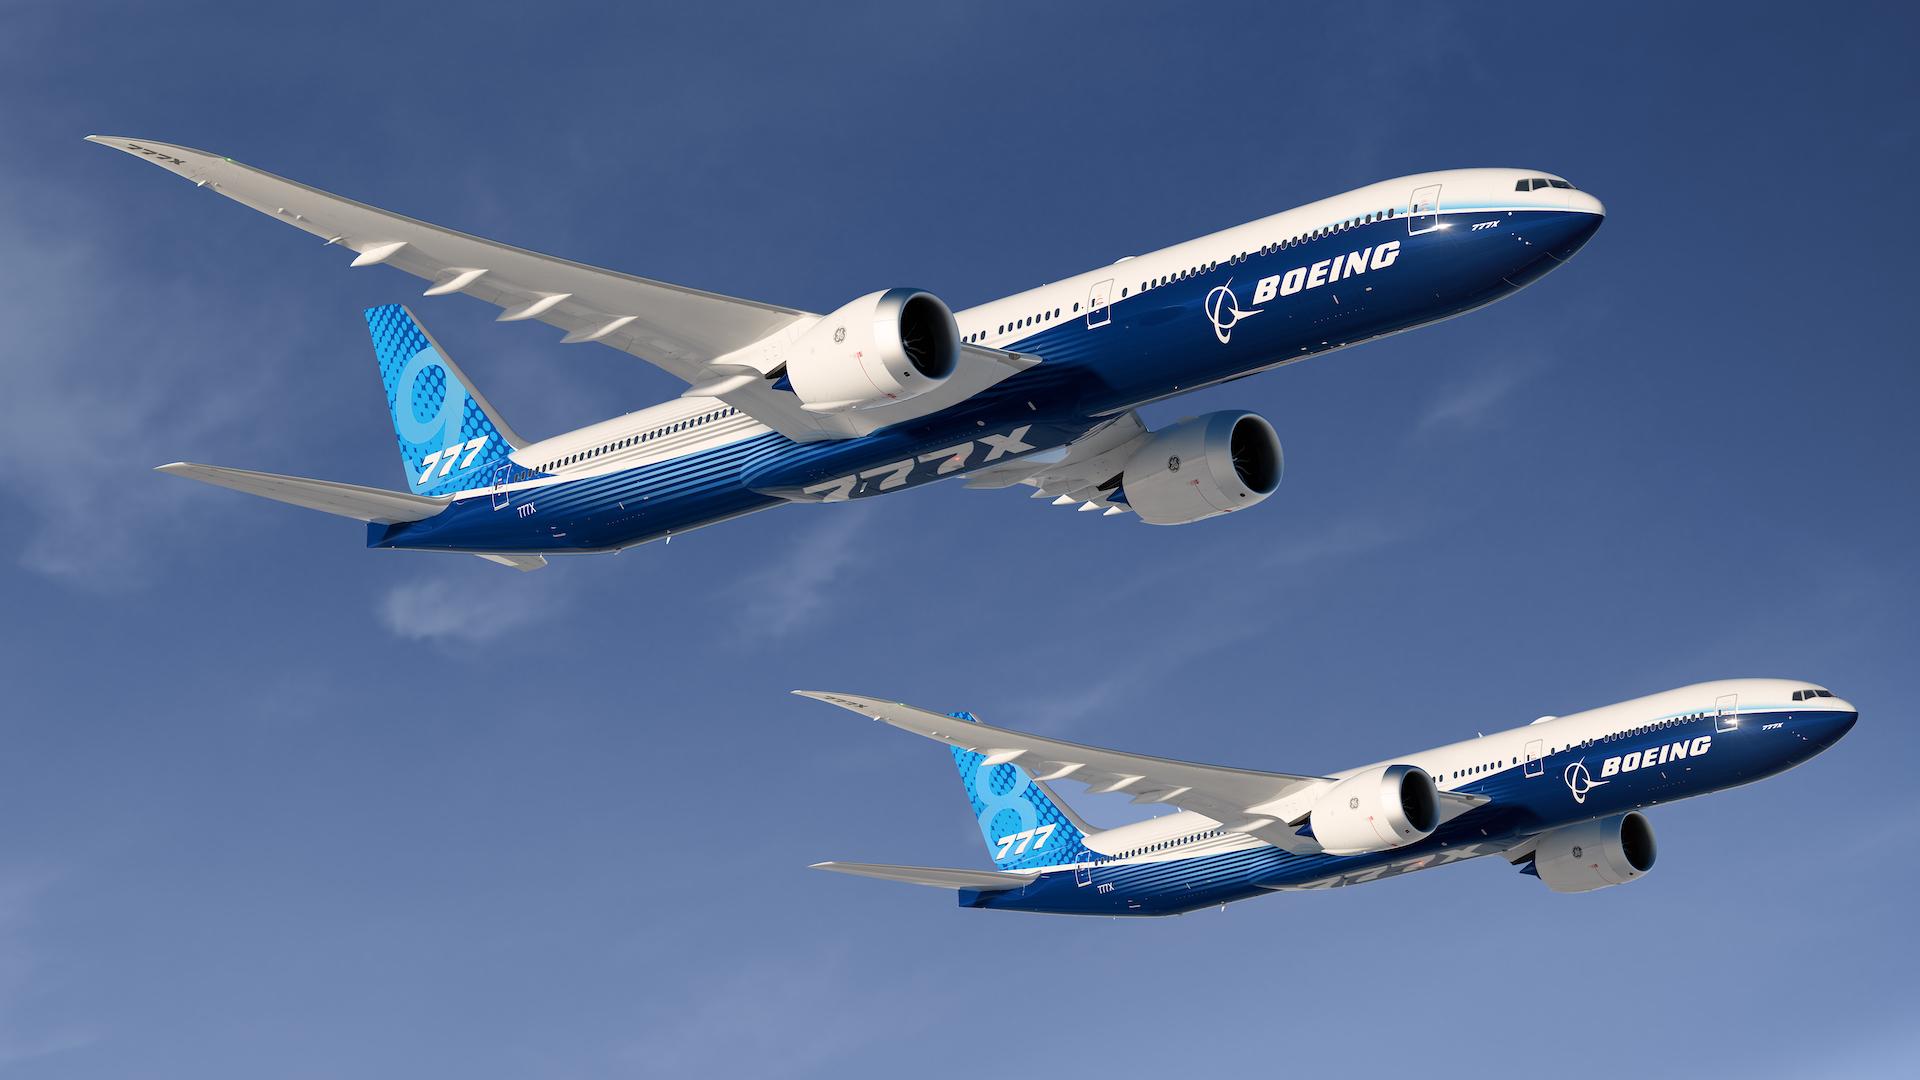 Así es el gigantesco avión Boeing 777X: ¿cuándo empieza a volar?